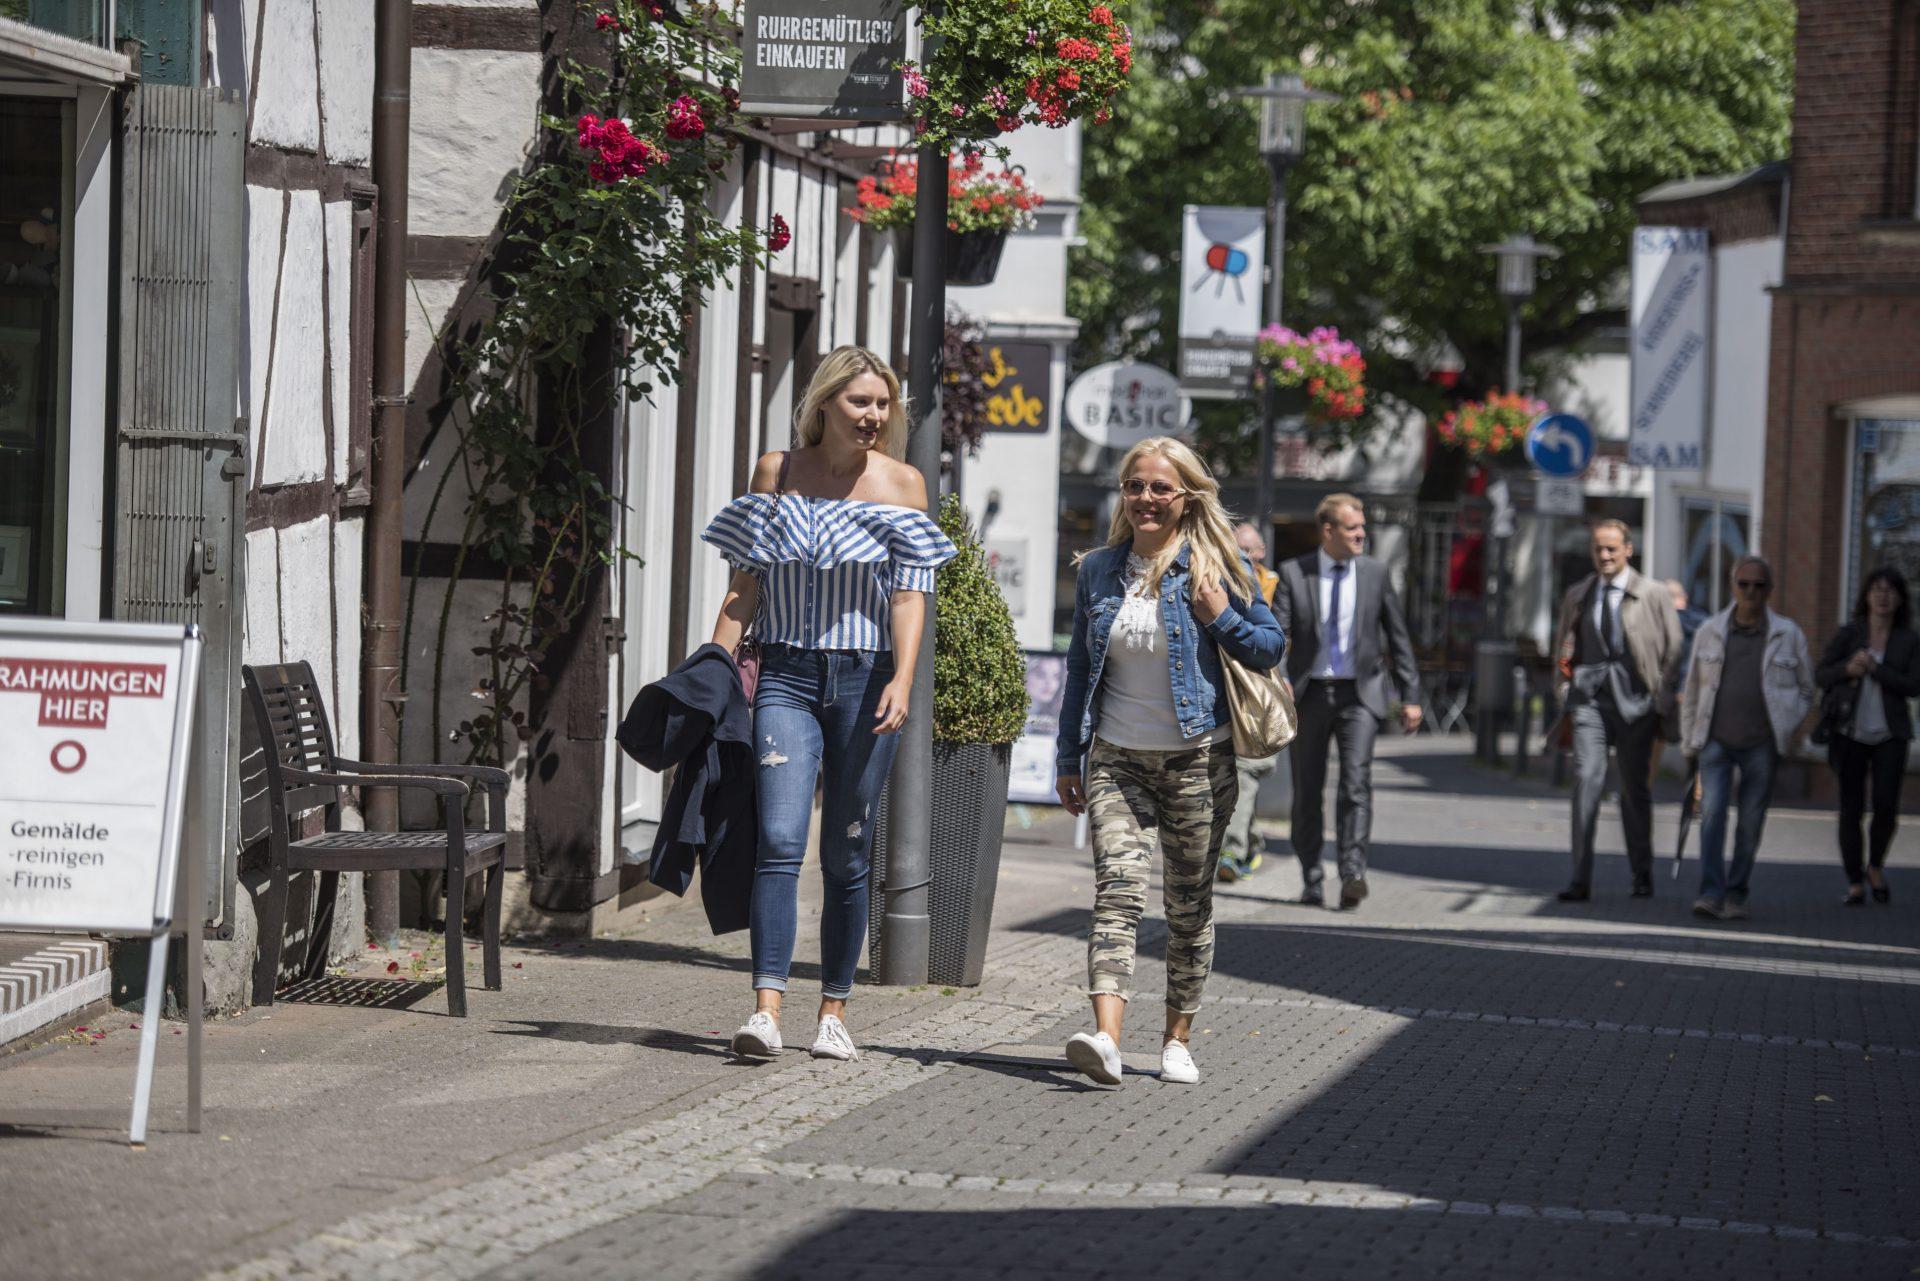 Auf dem Foto sind zwei junge Damen in der Altstadt zu sehen. Foto: Stadt Recklinghausen